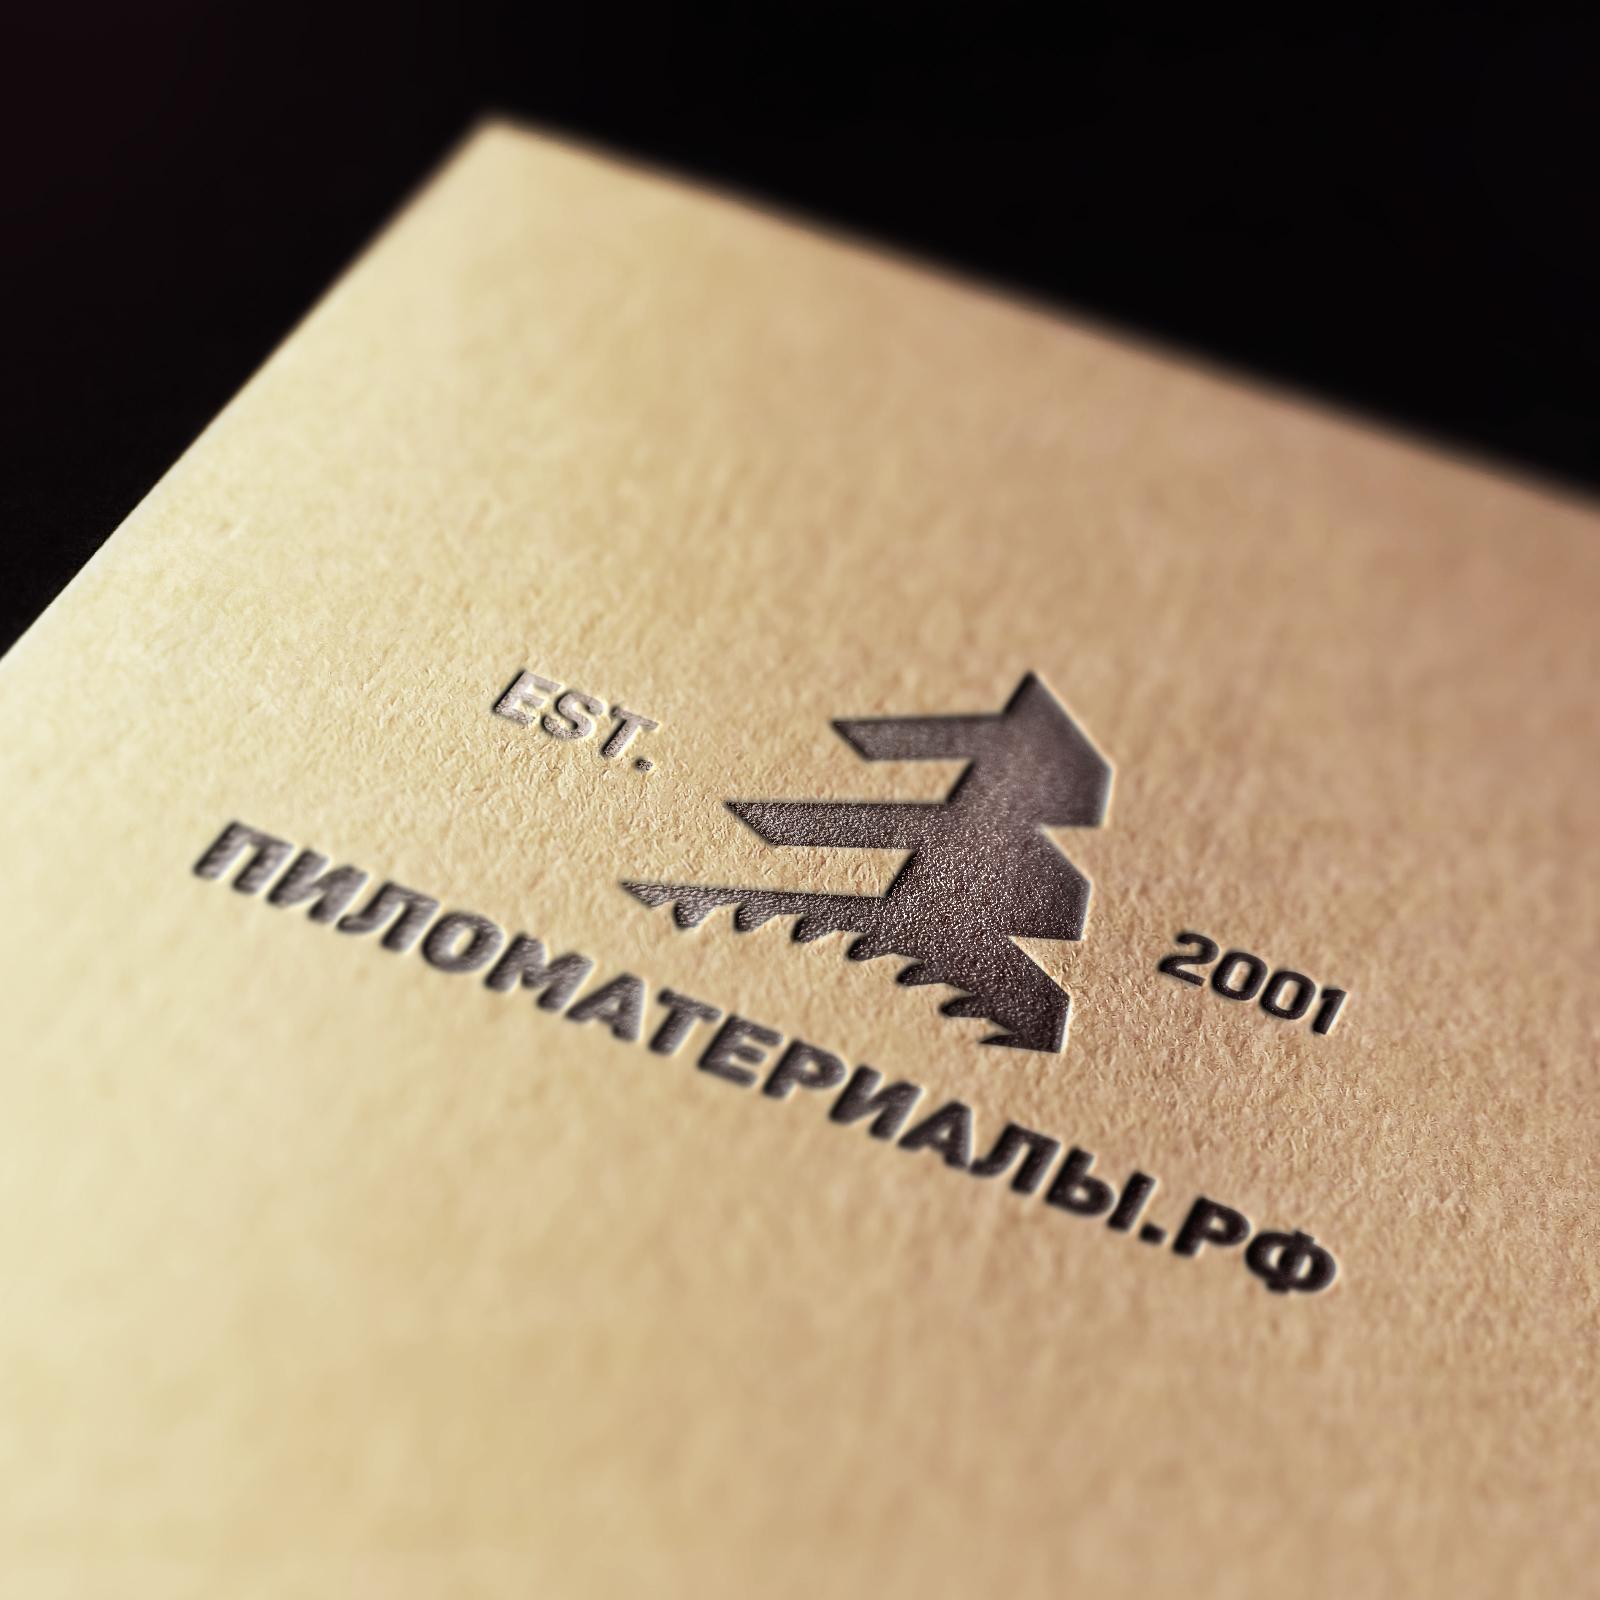 """Создание логотипа и фирменного стиля """"Пиломатериалы.РФ"""" фото f_2545312380325c4e.jpg"""